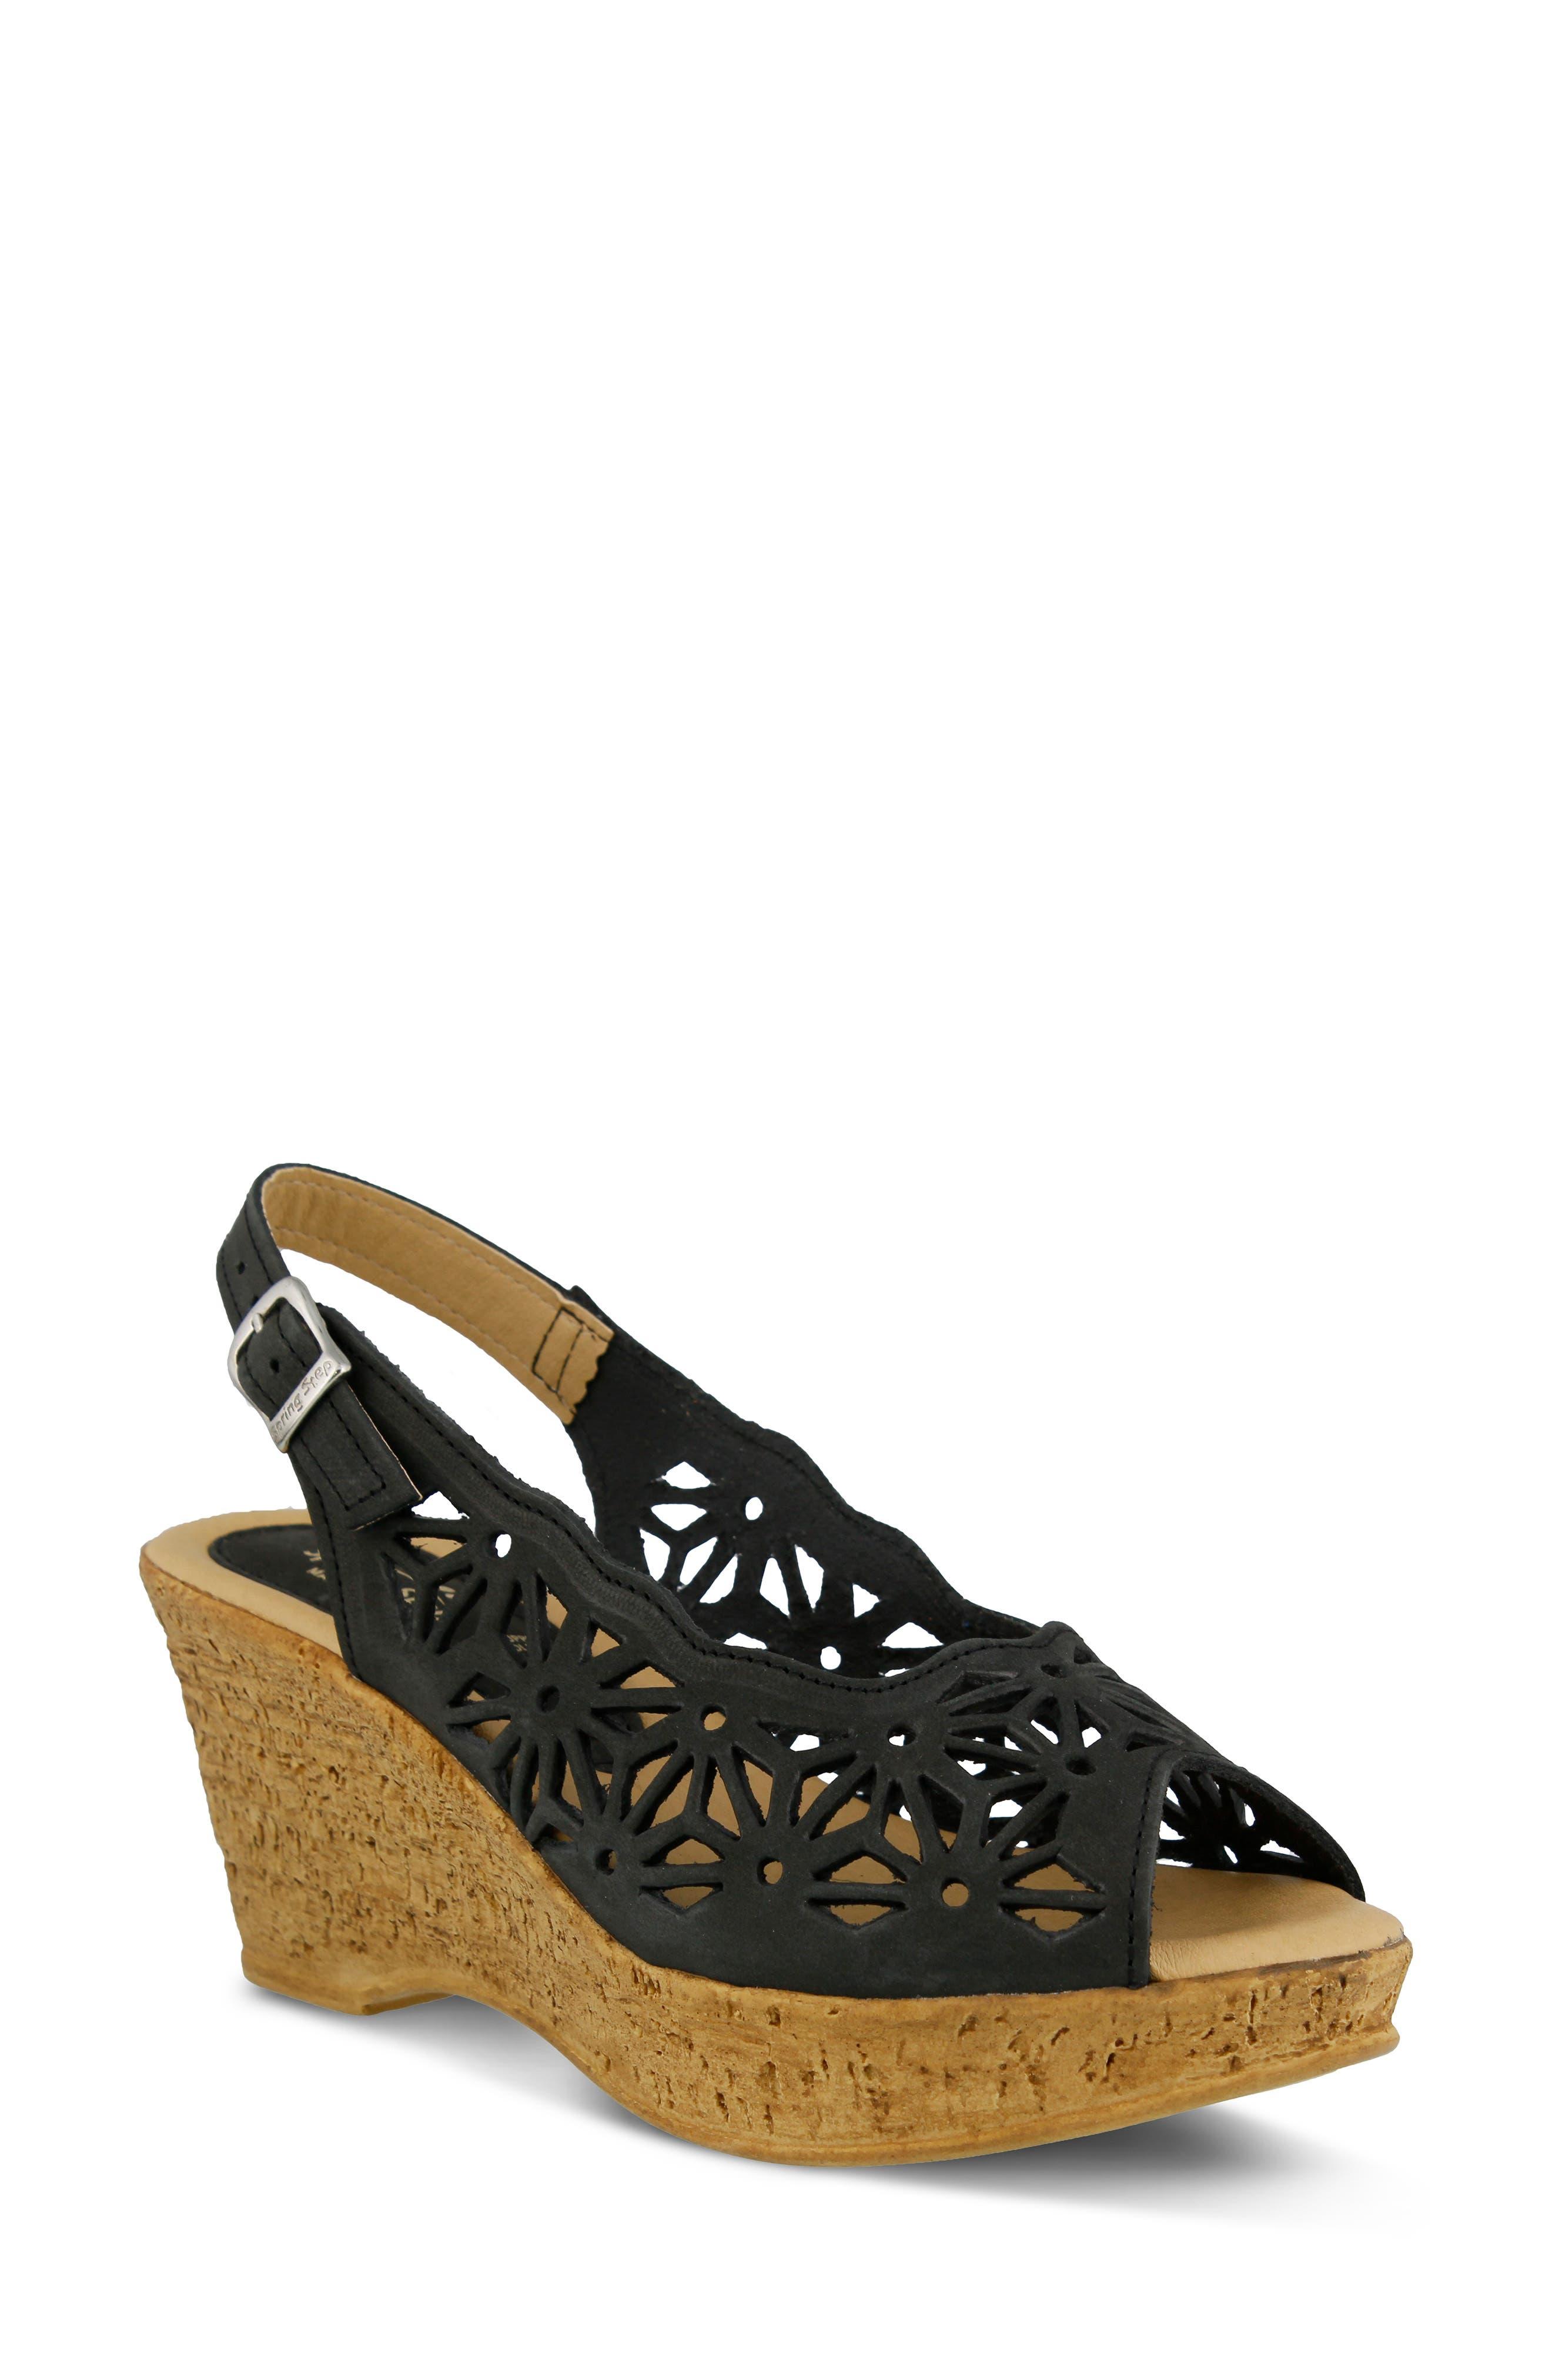 SPRING STEP Abigail Platform Wedge Sandal, Main, color, BLACK LEATHER